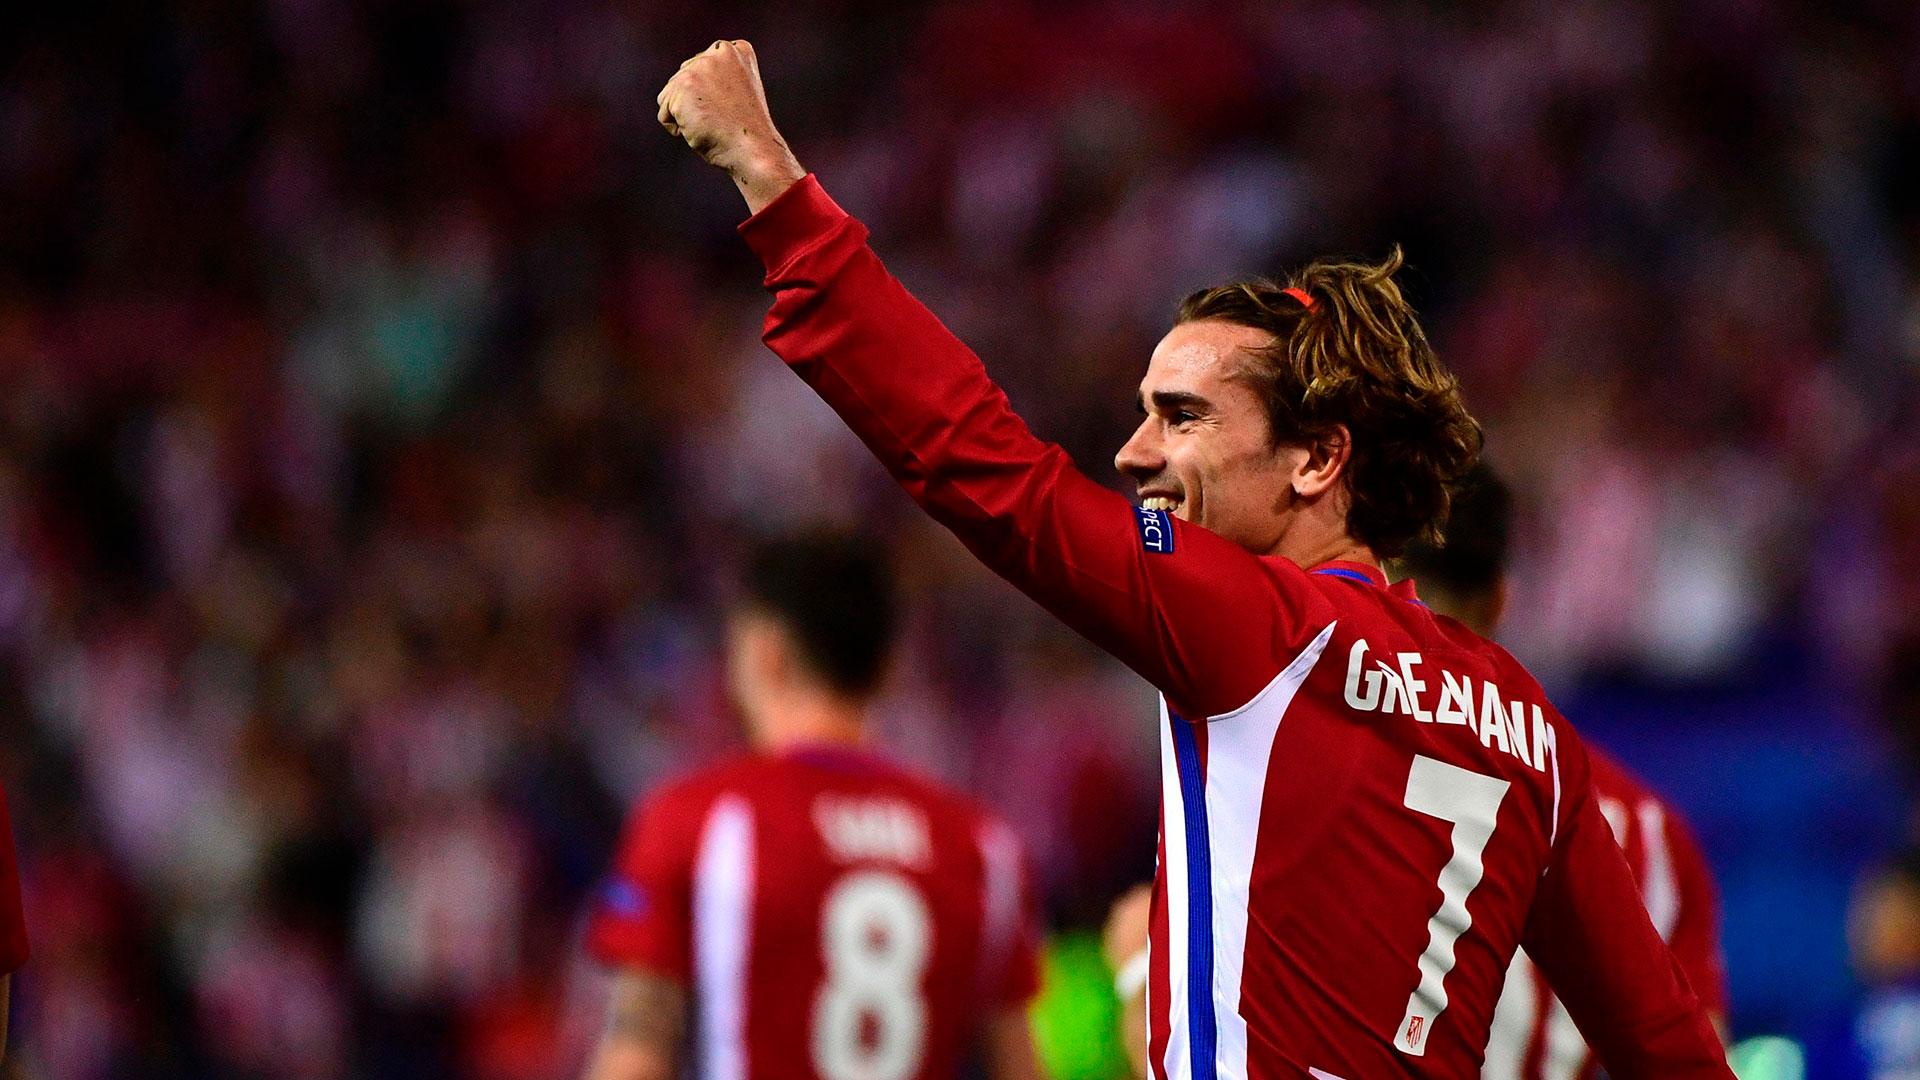 Griezmann jugará este fin de semana su último partido en el ATlético Madrid (AFP)